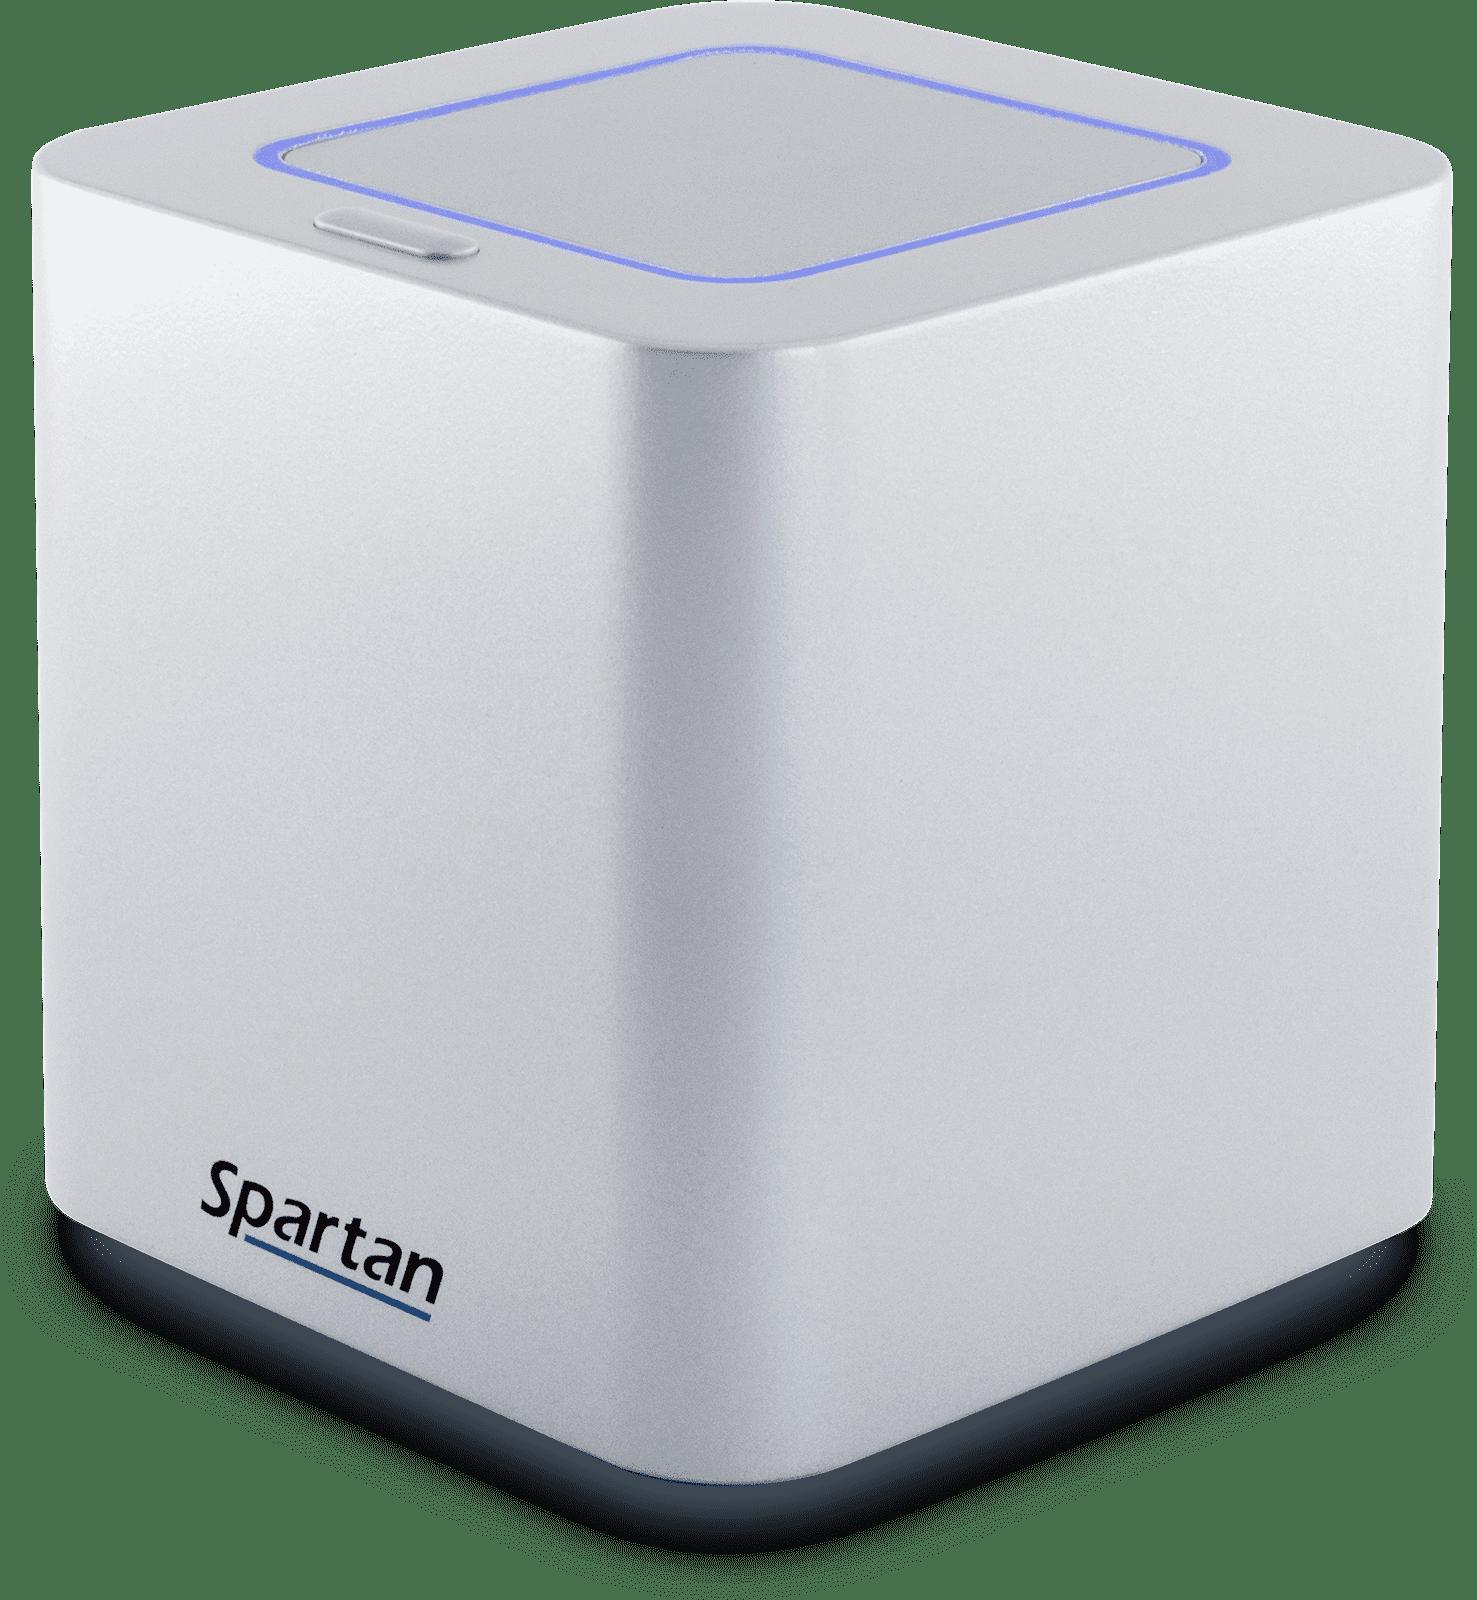 Spartan Cube